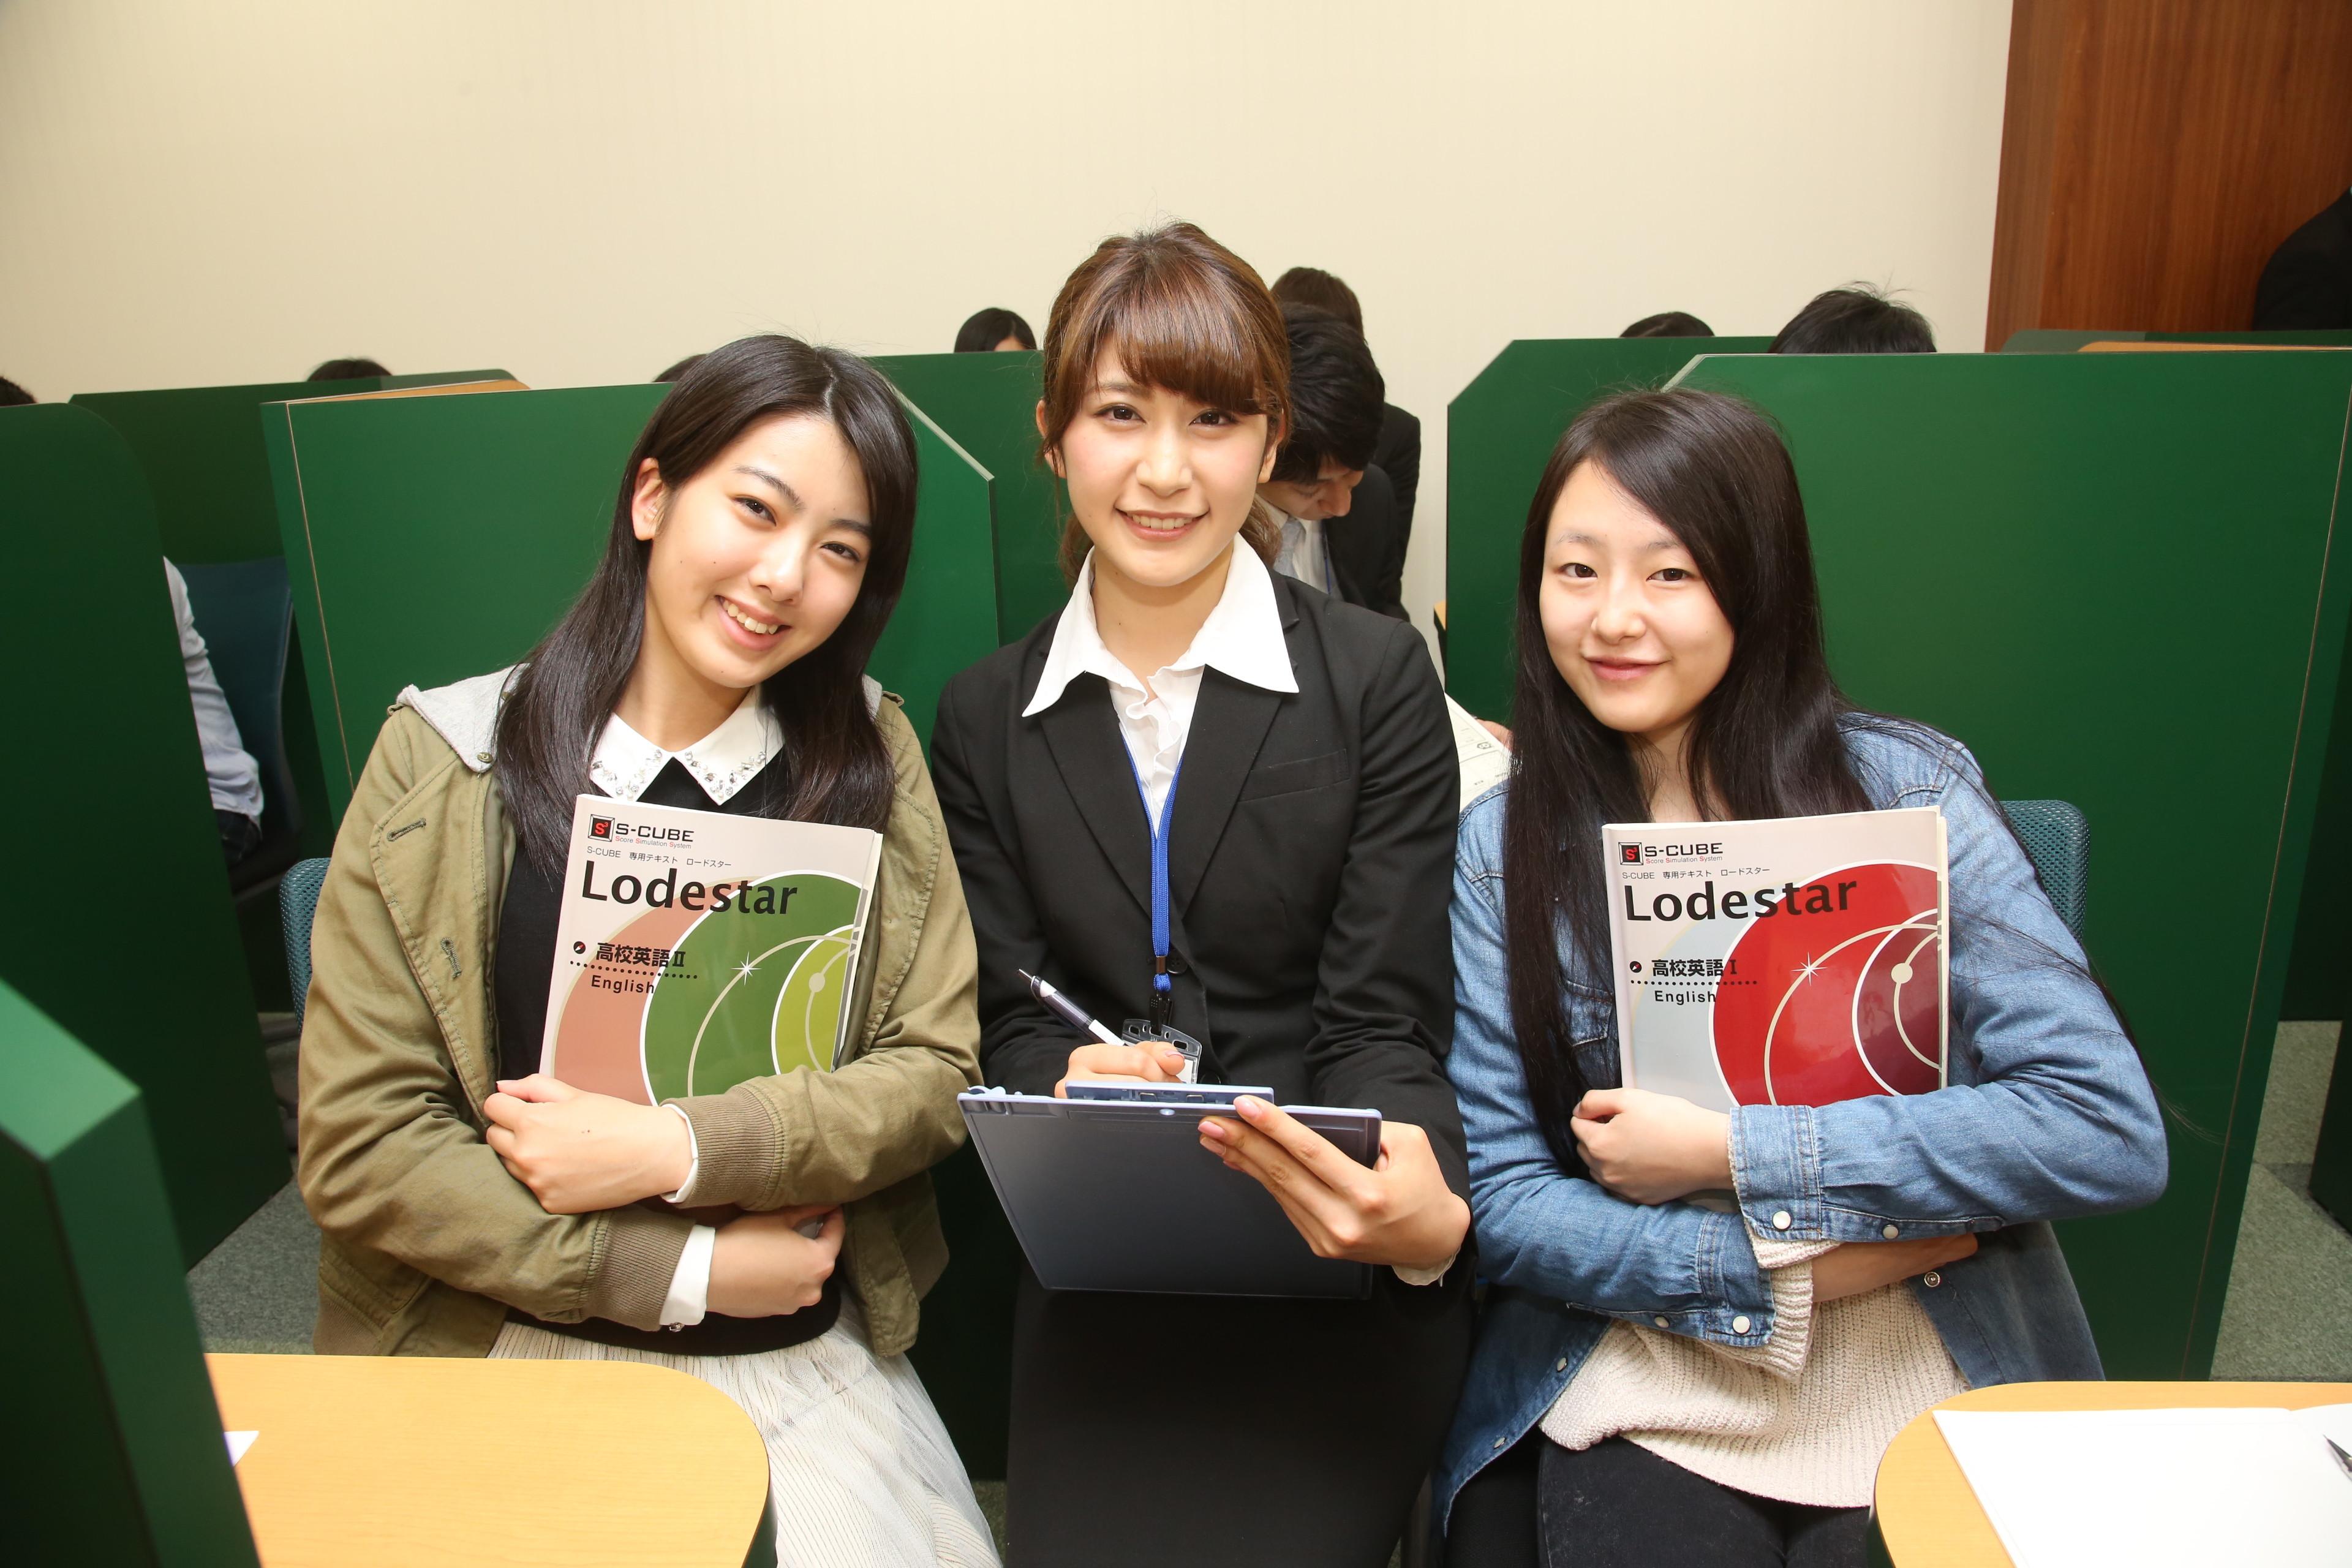 個別指導学院 フリーステップ 堅田駅前教室のアルバイト情報